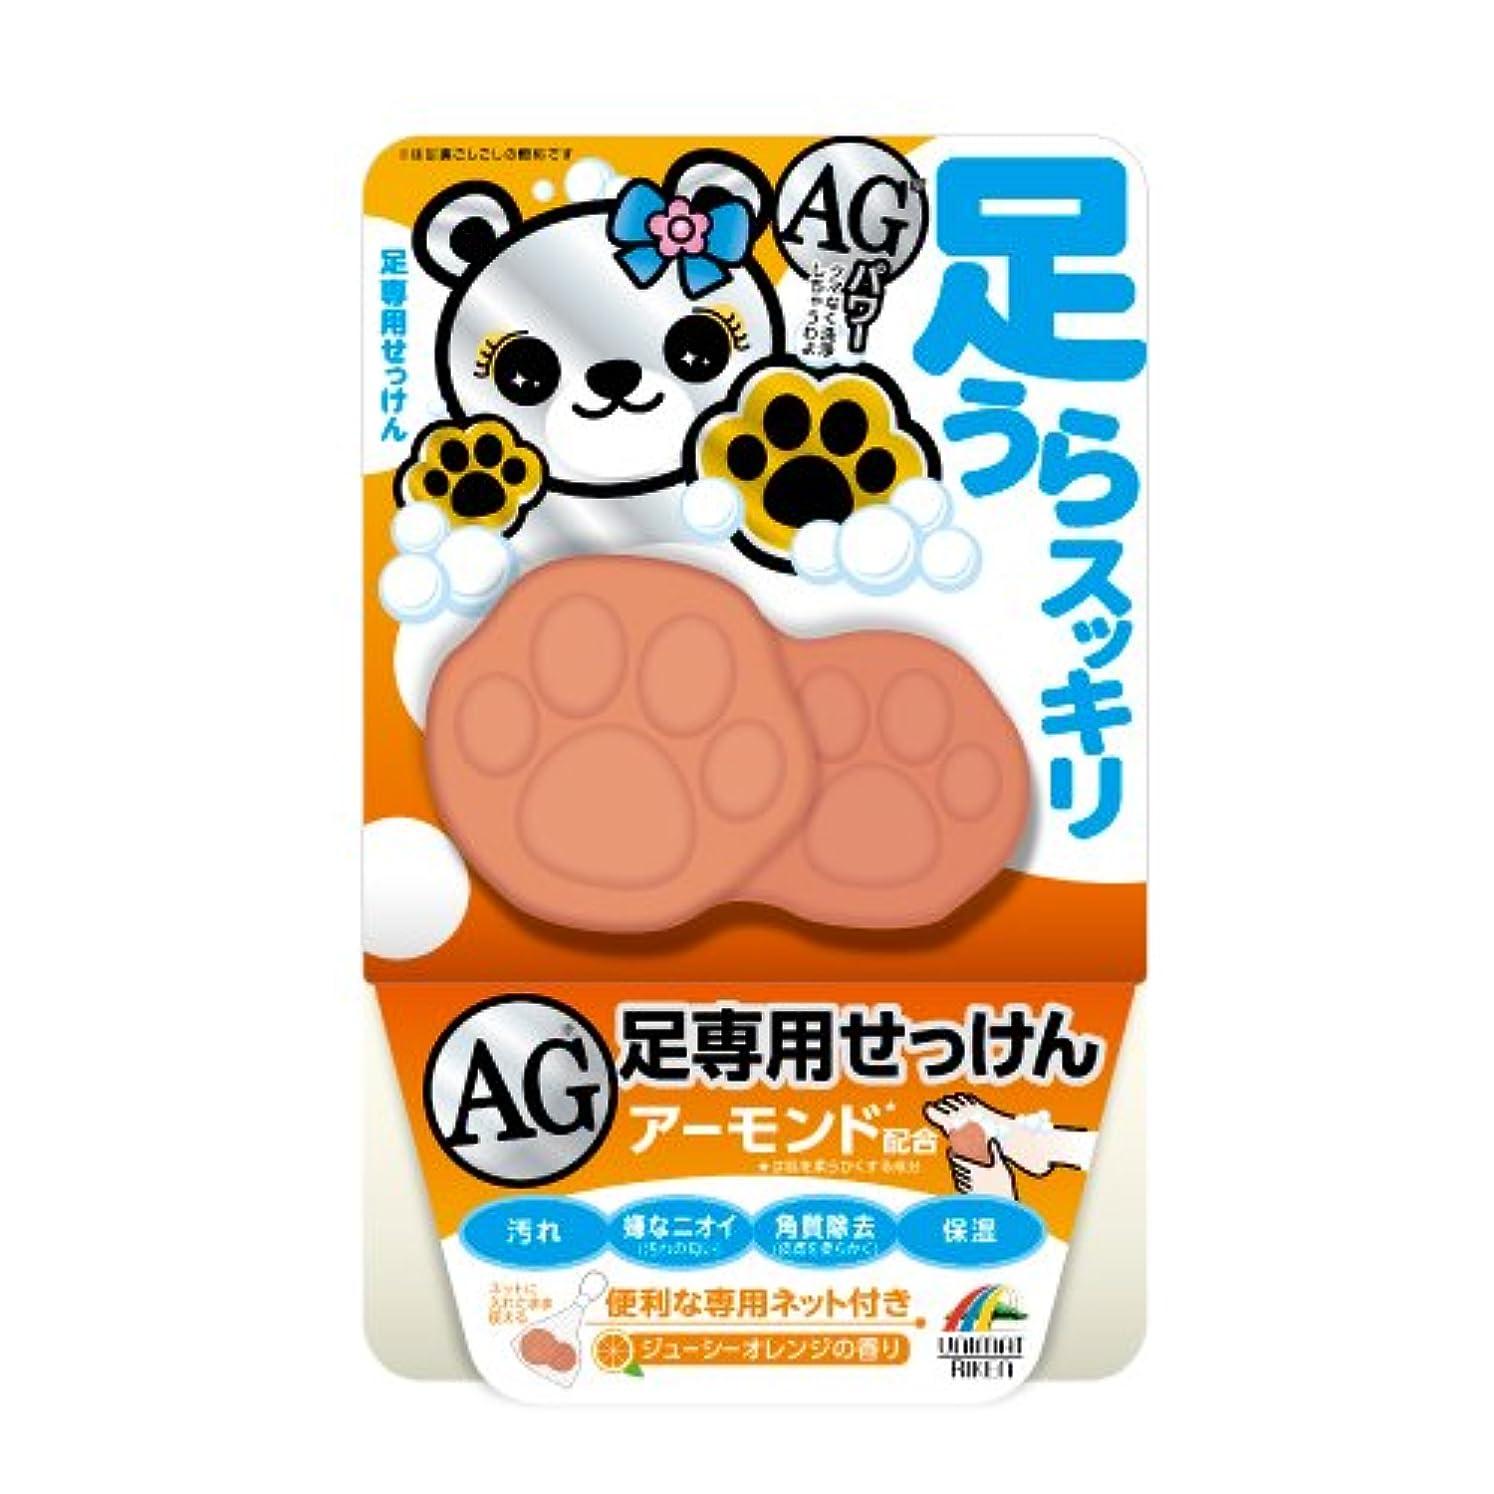 体コック変位ユニマットリケン 足裏スッキリAG石鹸(アーモンド配合)70g